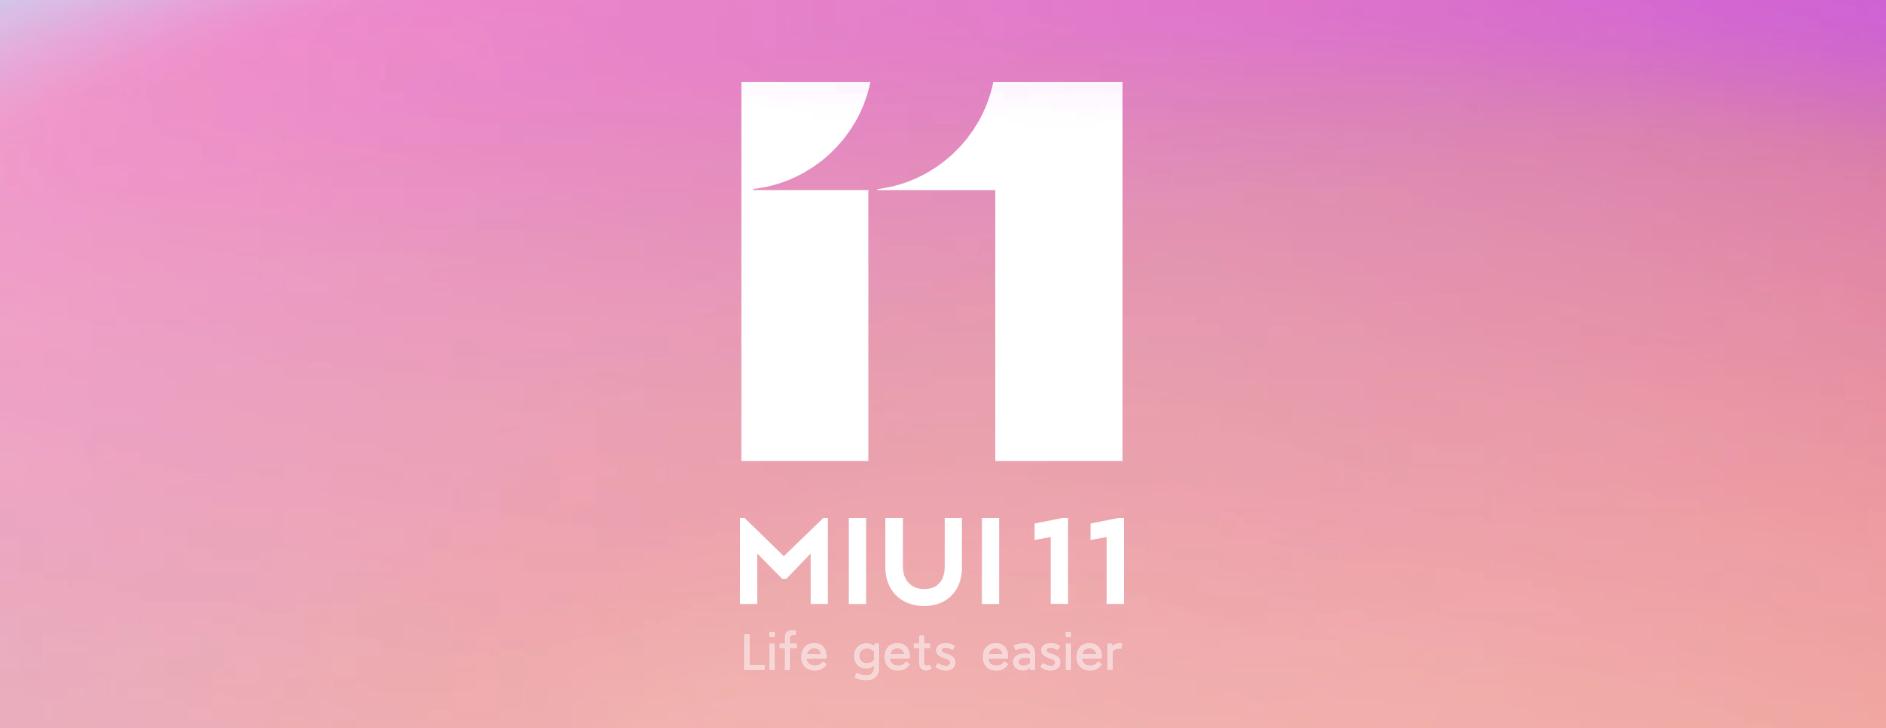 [Из песочницы] Первое впечатление о Xiaomi MIUI 11